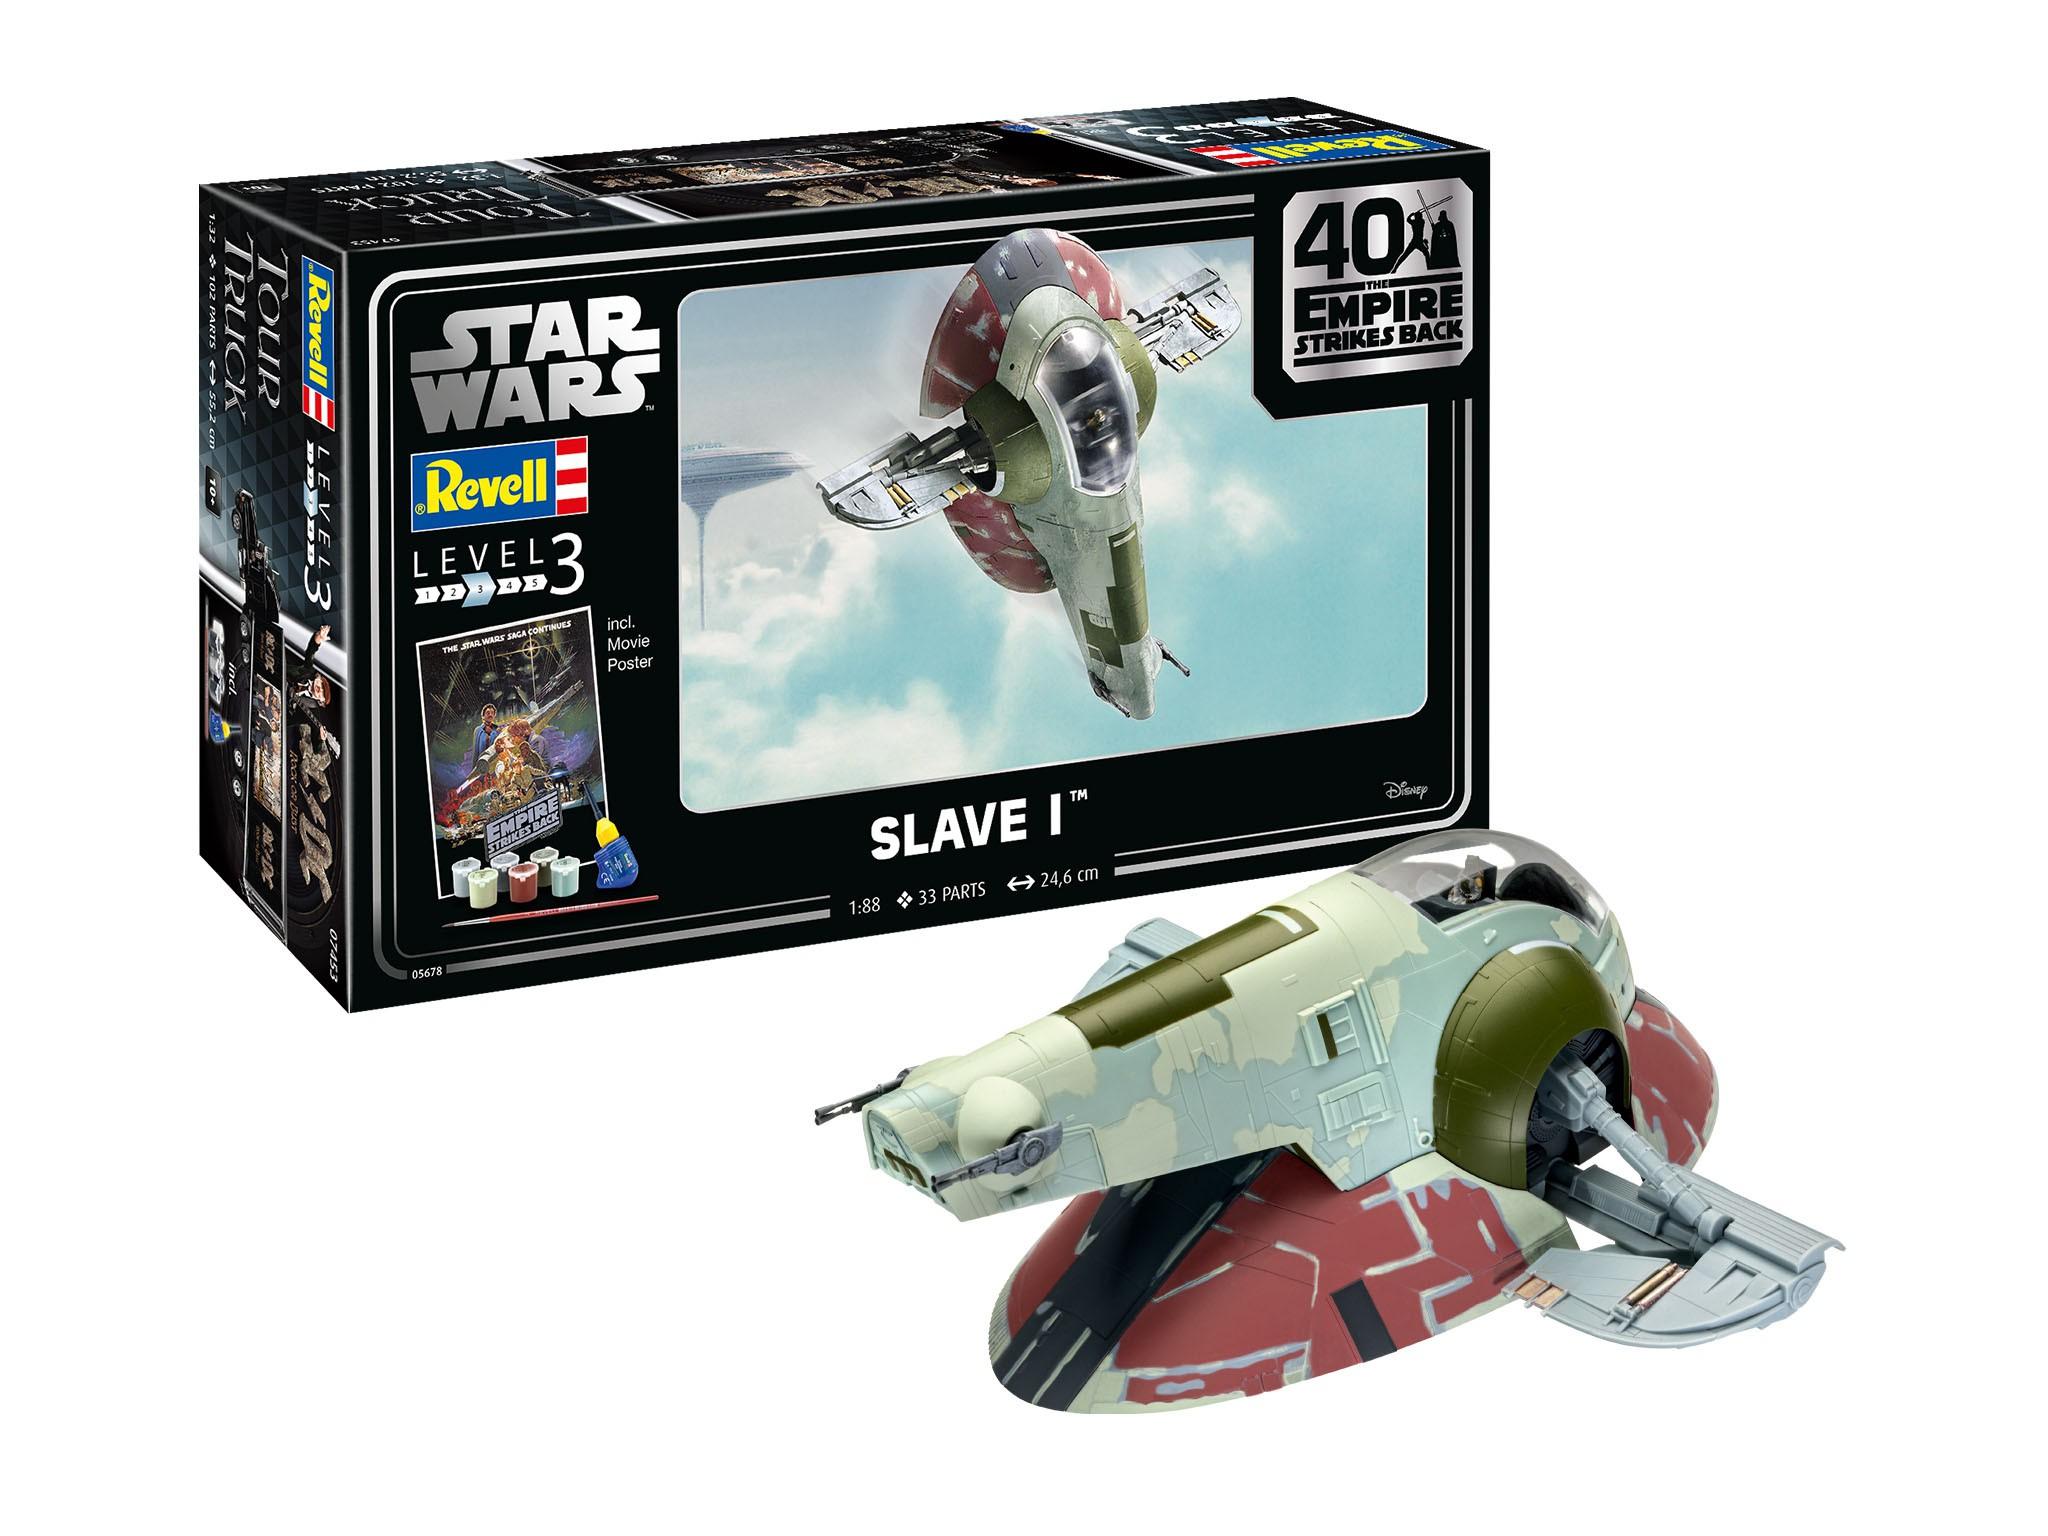 Geschenkset Star Wars Slave I - 40th Anniversary The Empire Strikes Back